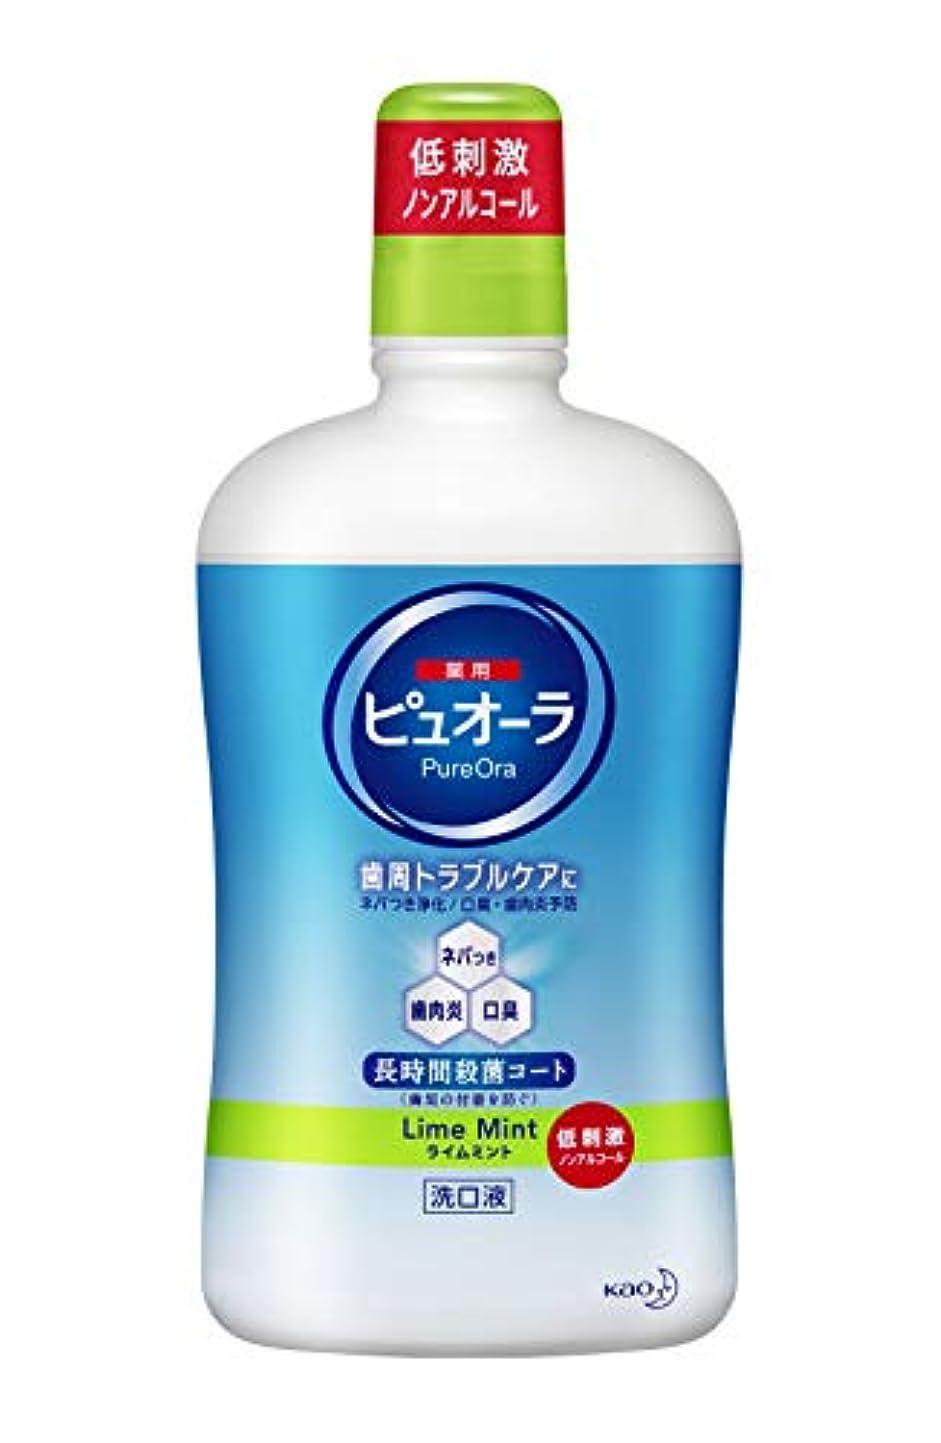 圧倒する区別する全能【大容量】ピュオーラ 洗口液 ライムミント ノンアルコールタイプ 850ml